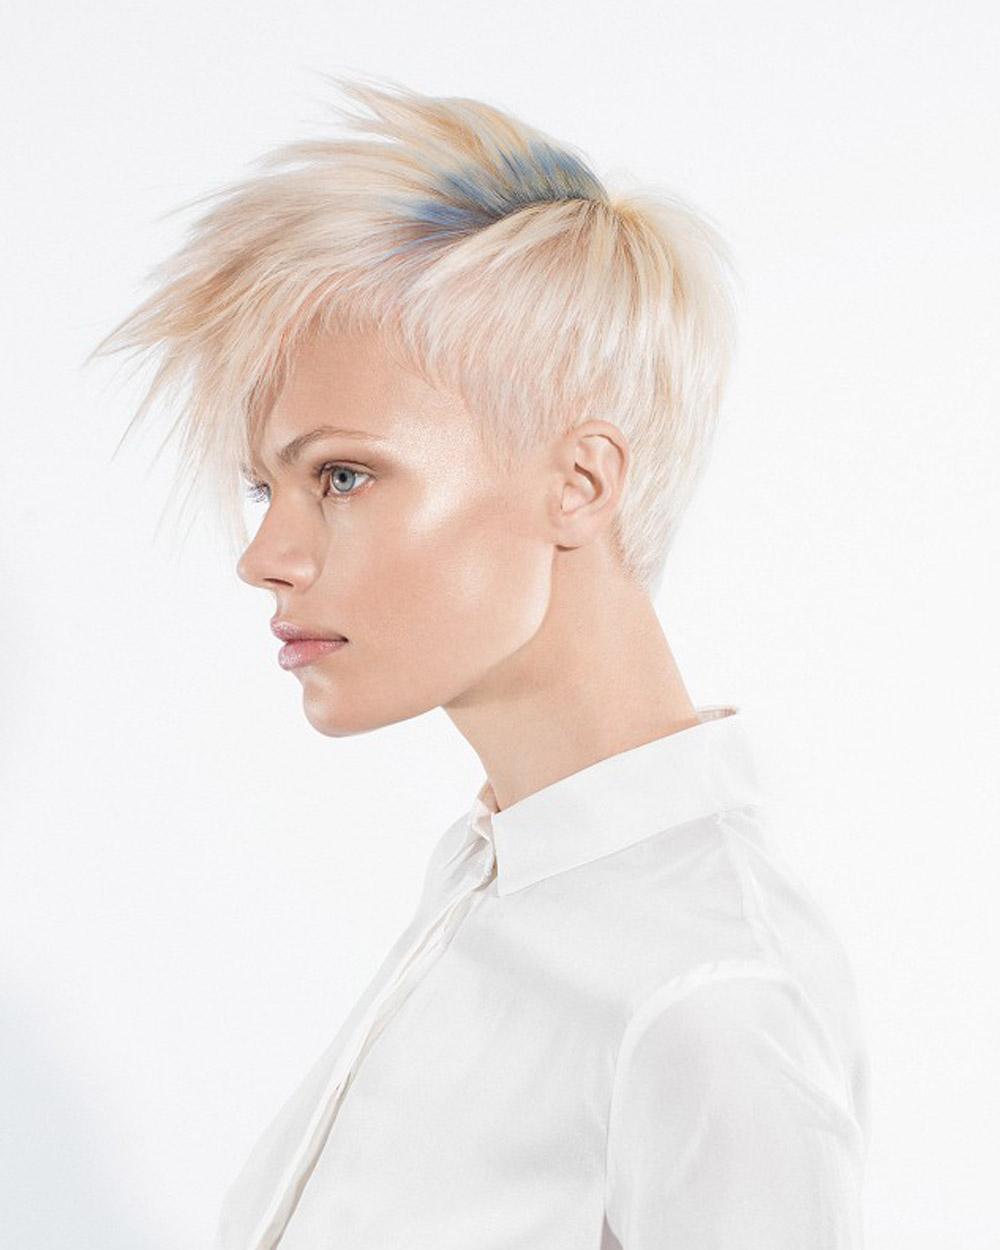 Patina blond krátke účesy oživte decentne farbou. Krátky účes je z kolekcie Cosmopol Collection od Raffel Pages. (Foto: David Arnold)